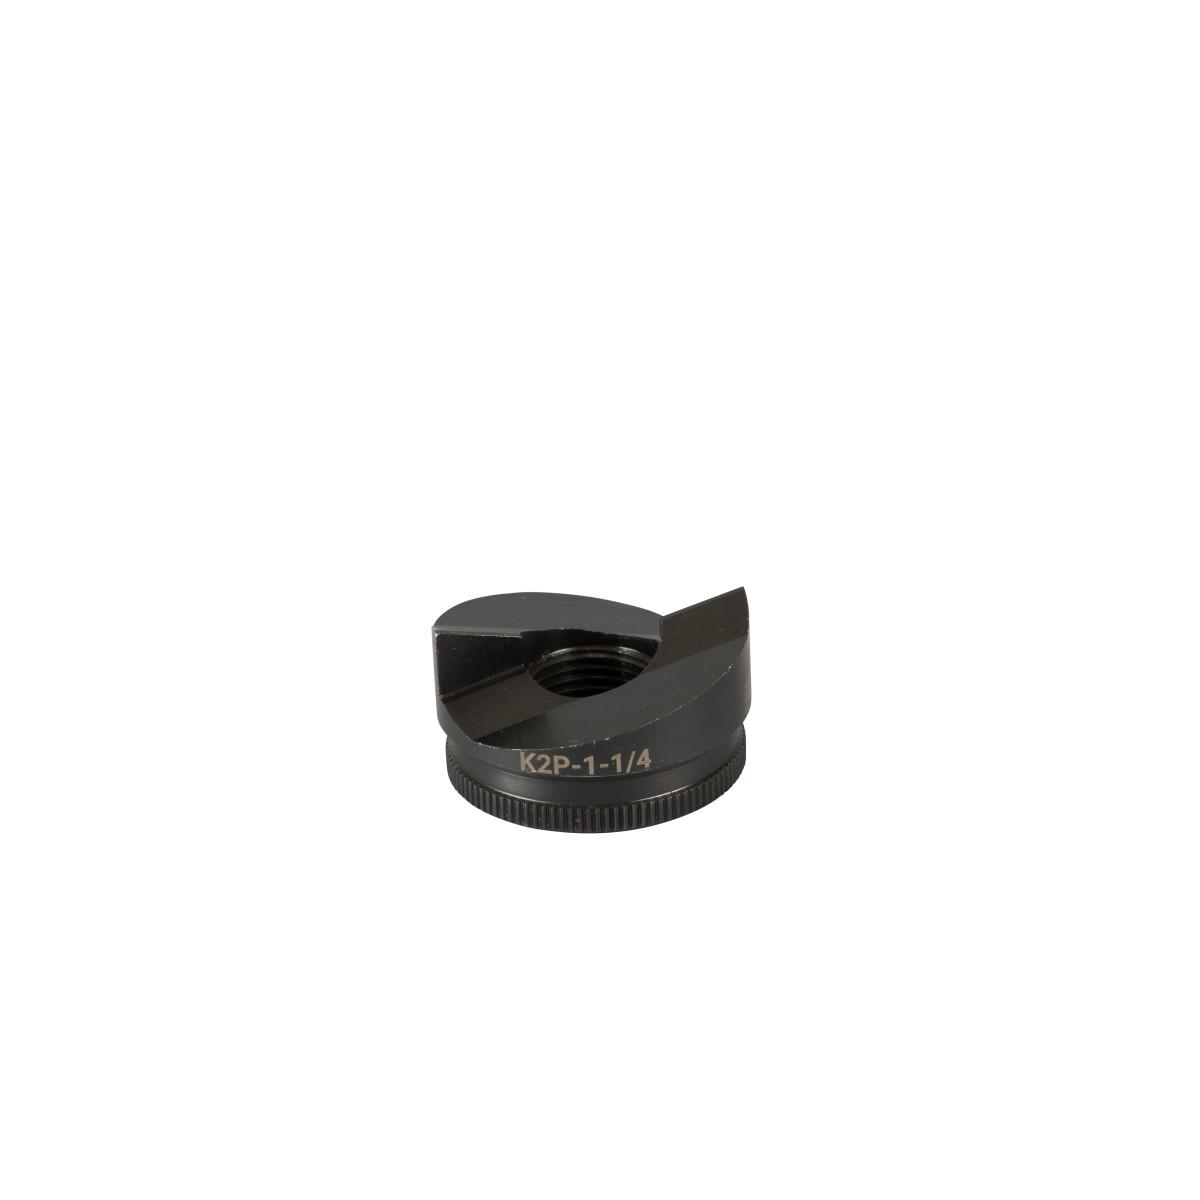 GRN K2P-1-1/4 (52085655) 1-1/4 IN CONDUIT SZ SLUG BUSTER KNOCKOUT PUNCH POP